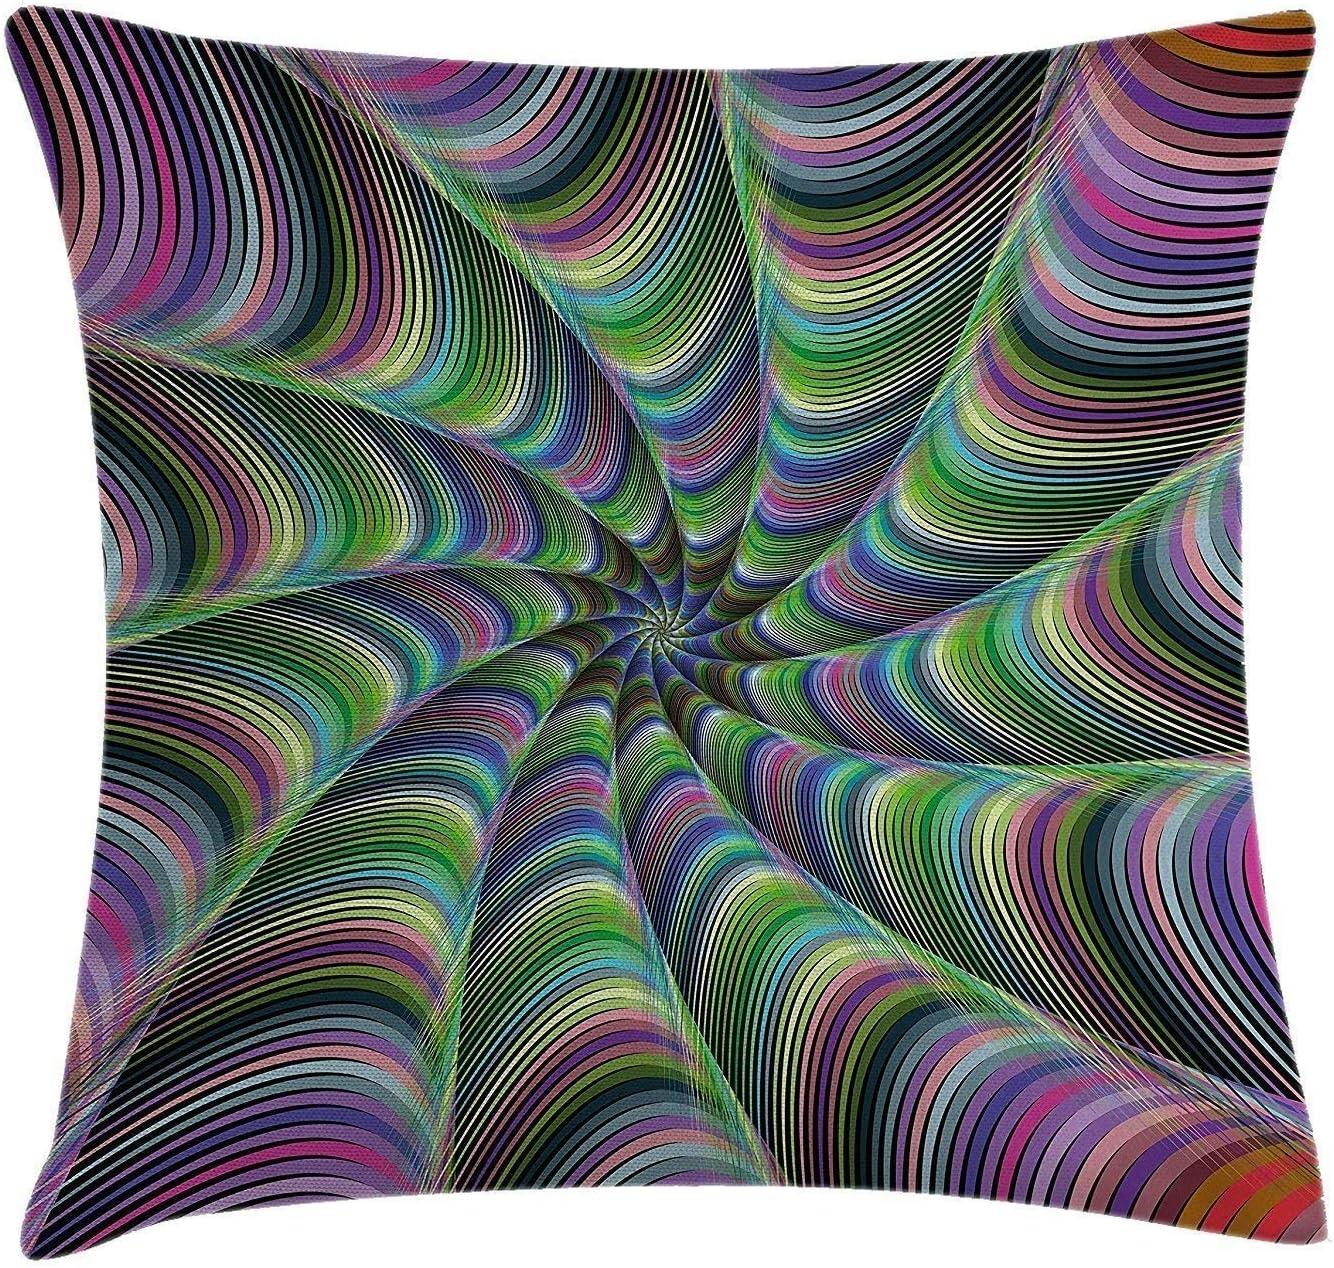 Jxrodekz Housse de Coussin Coussins psych/éd/éliques Se Fondant dans la Forme dune Fleur Infinity Spinning Focus DesignGreen Purple 45cm